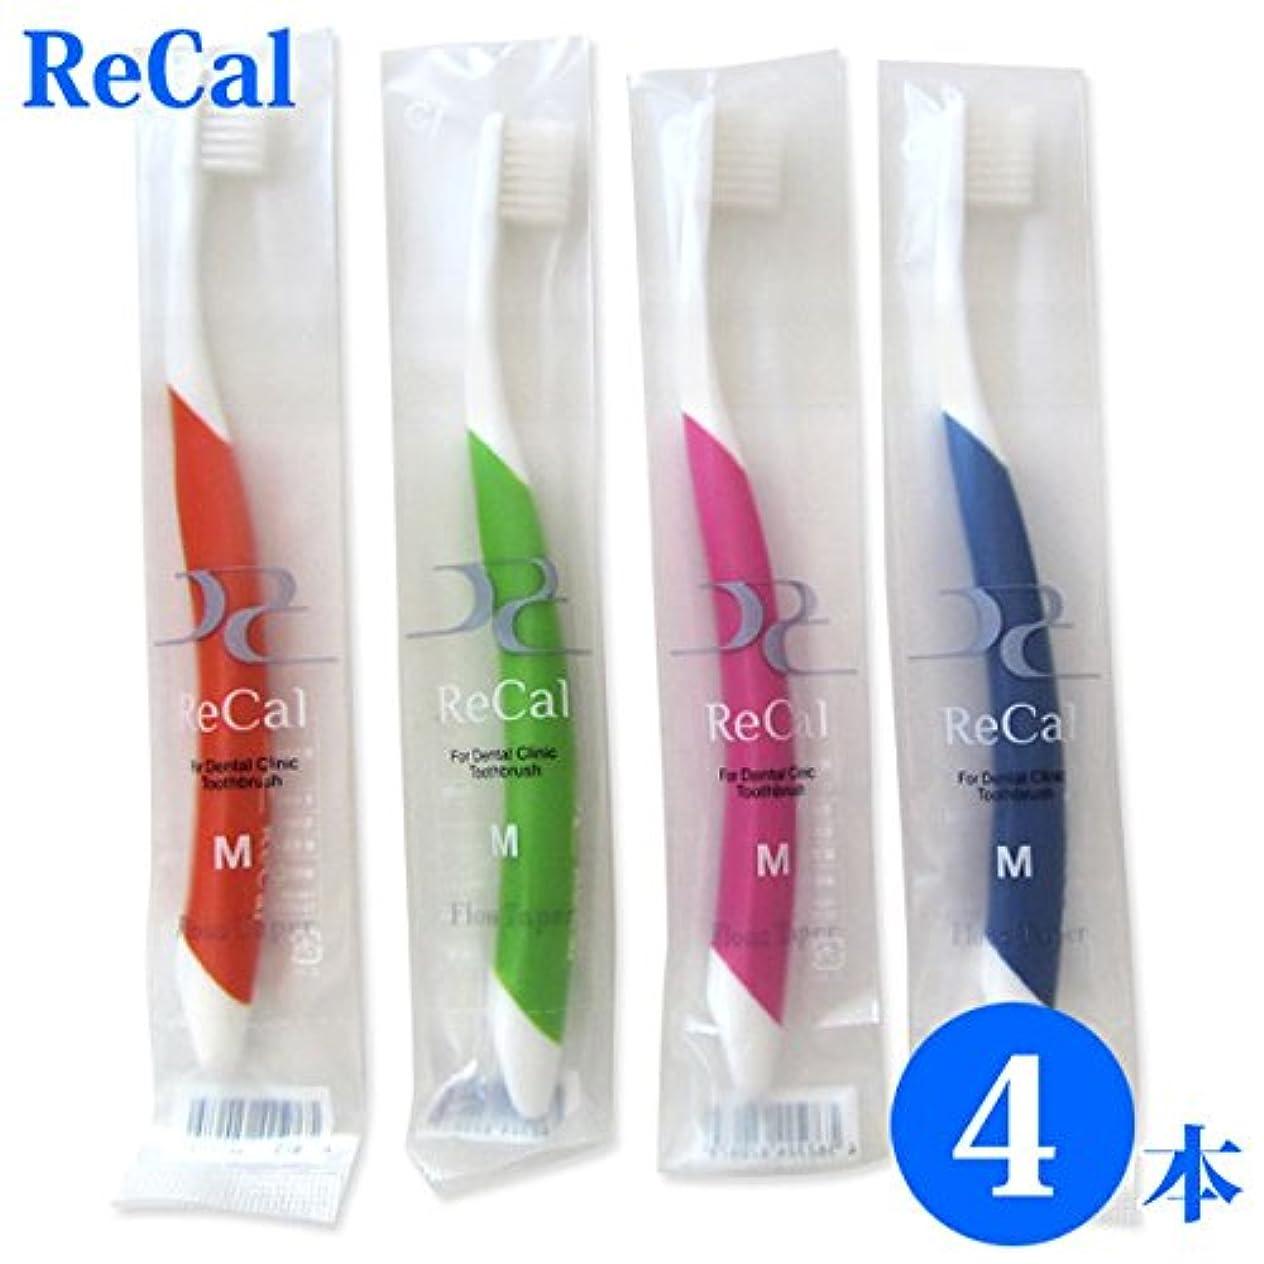 仮称過度のマーカーリカル 4色セット 歯科医院専用商品 ReCal リカル M 大人用 一般 歯ブラシ4本 場合20本ま